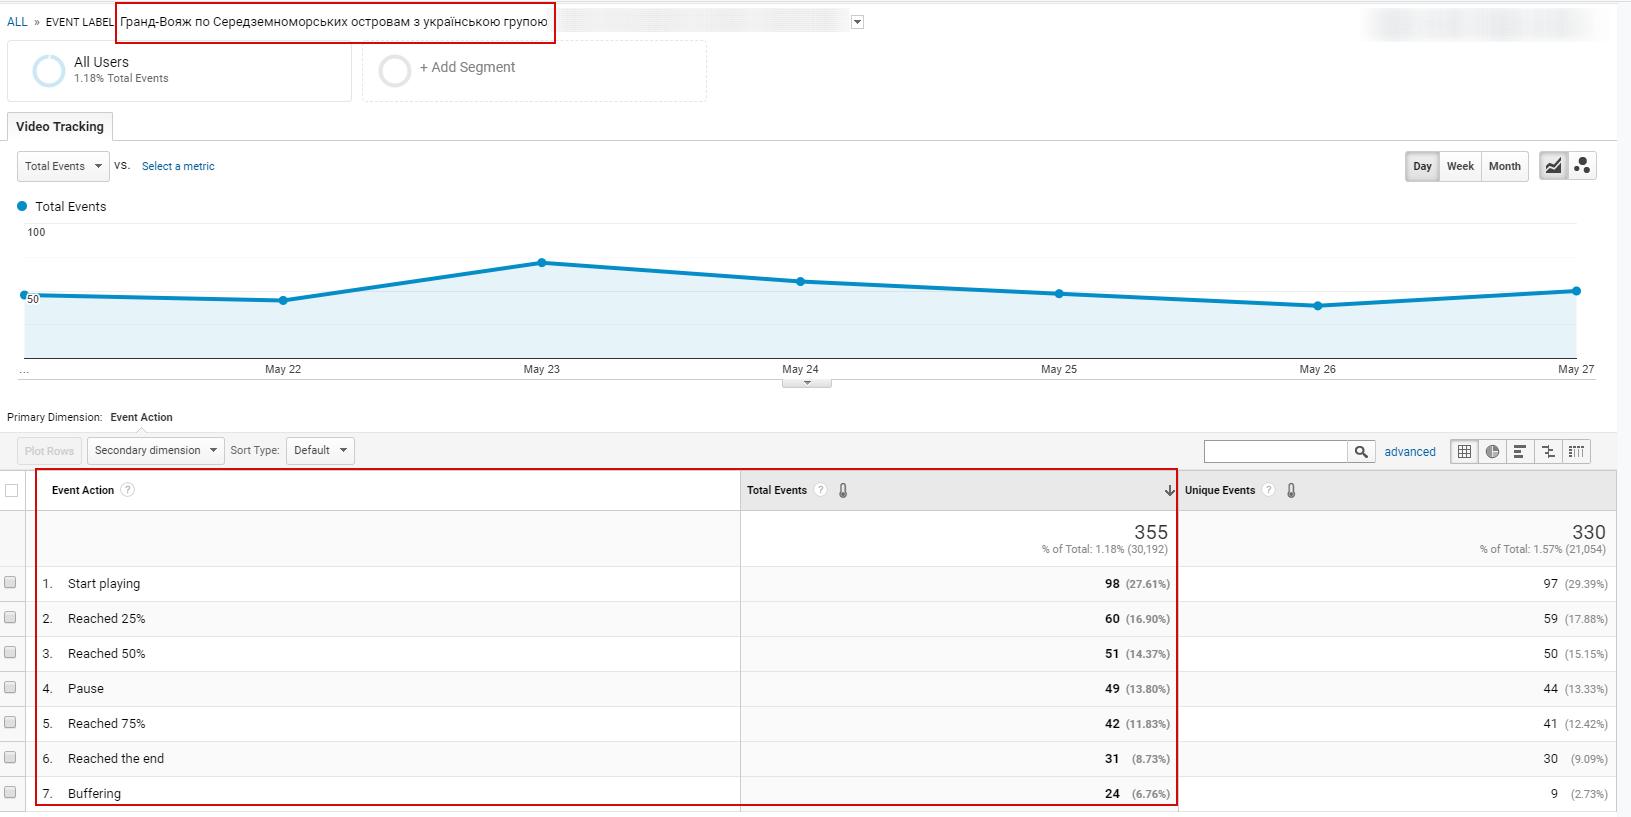 Пример пользовательского отчета для оценки эффективности видео на основе собранной информации о событиях